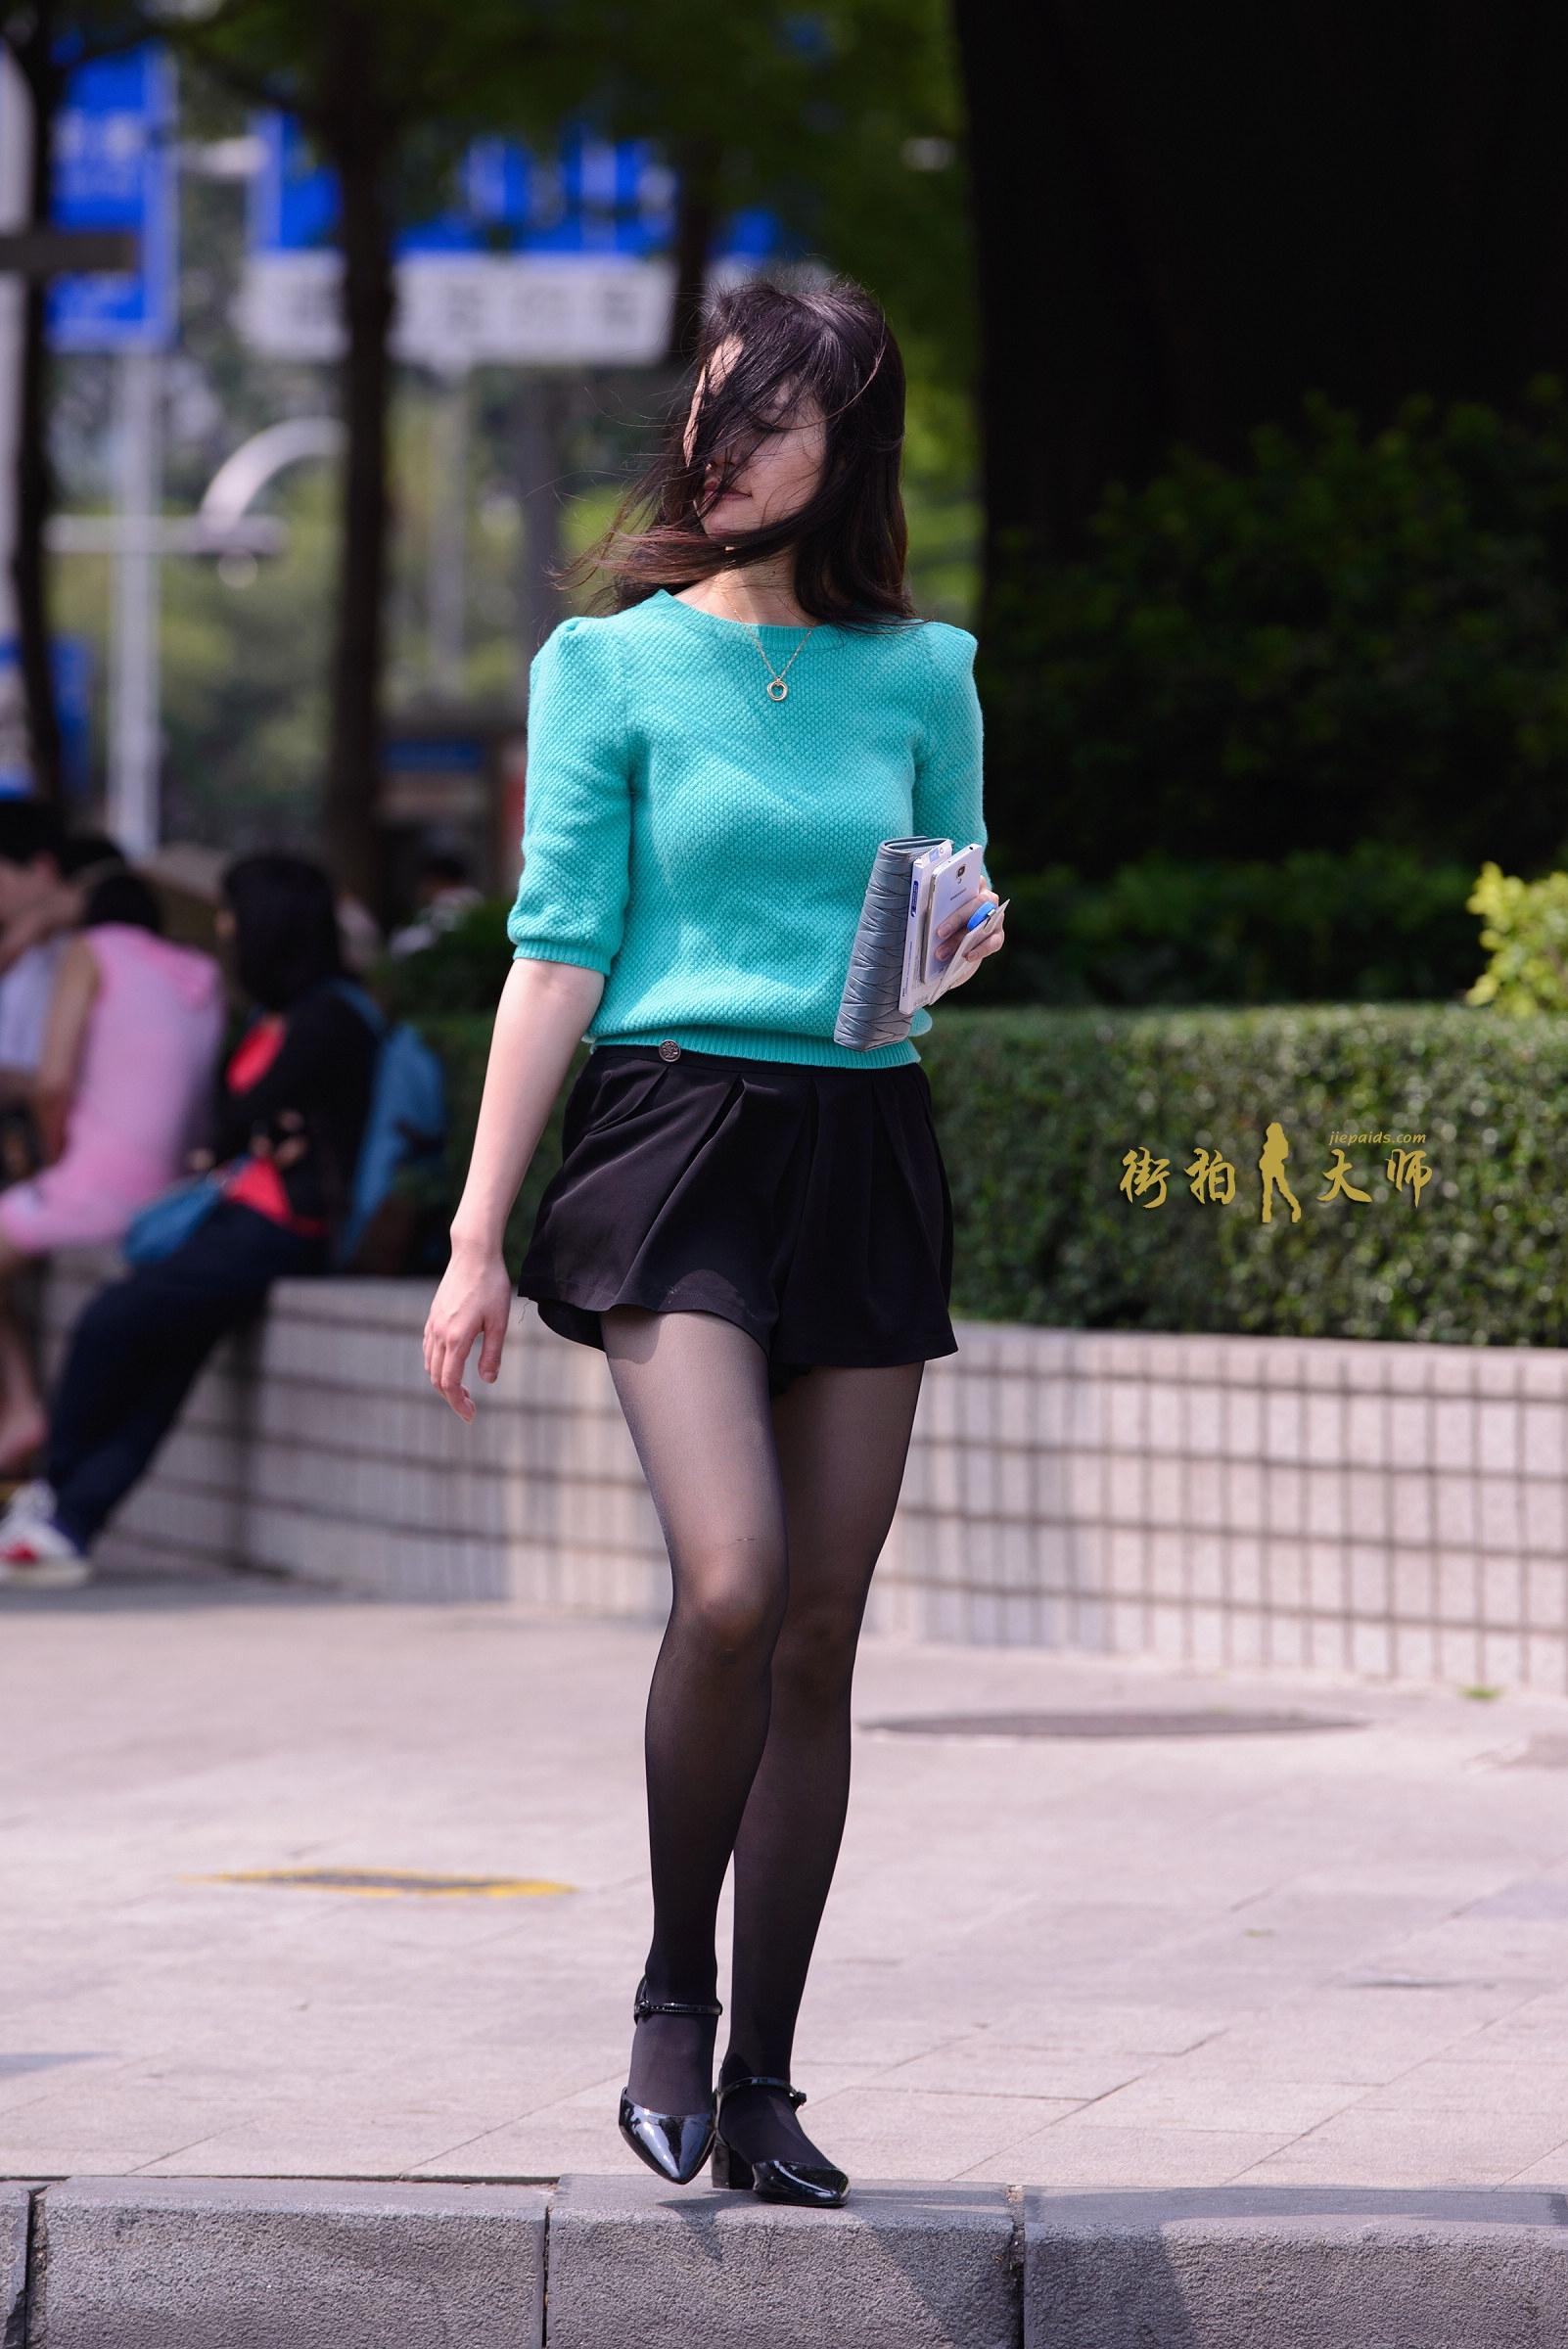 黑腿丝短裙美女_街拍黑丝美女搭配黑色小短裙小高跟挡不住你的美-搜狐